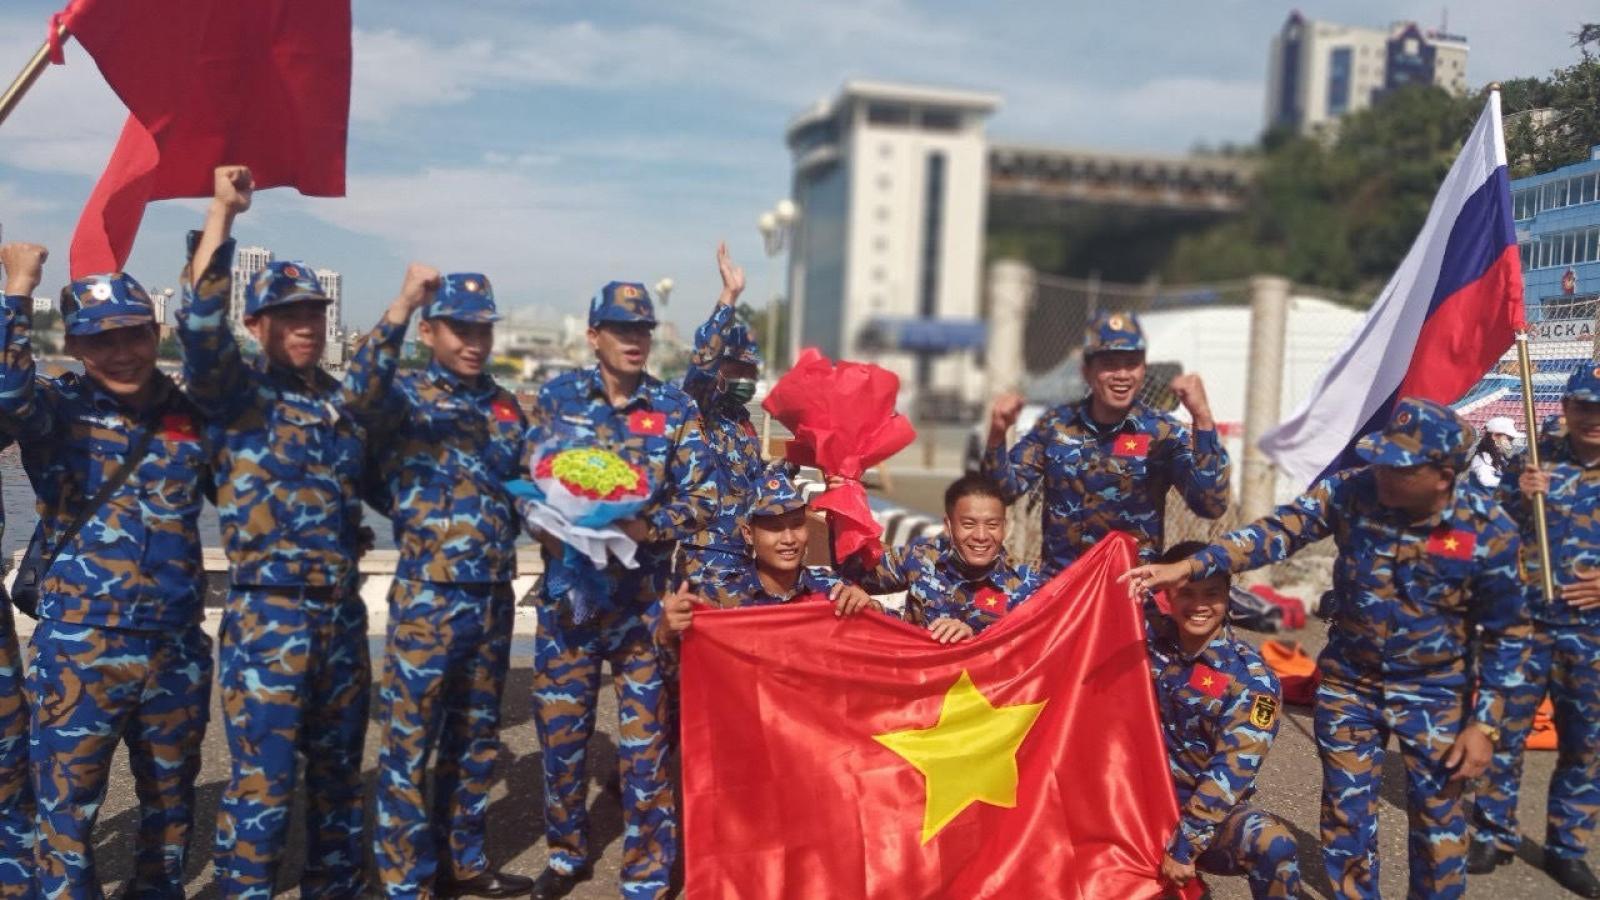 Gặp gỡ các tuyển thủ Hải quân giành Huy chương Bạc tại Army games 2021